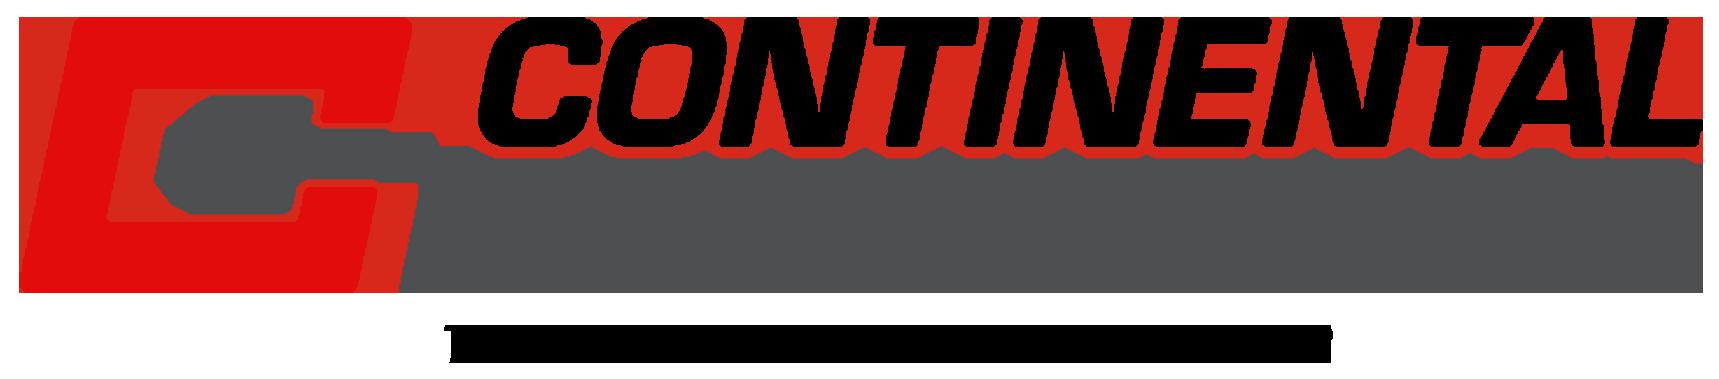 ROB235-43901-01